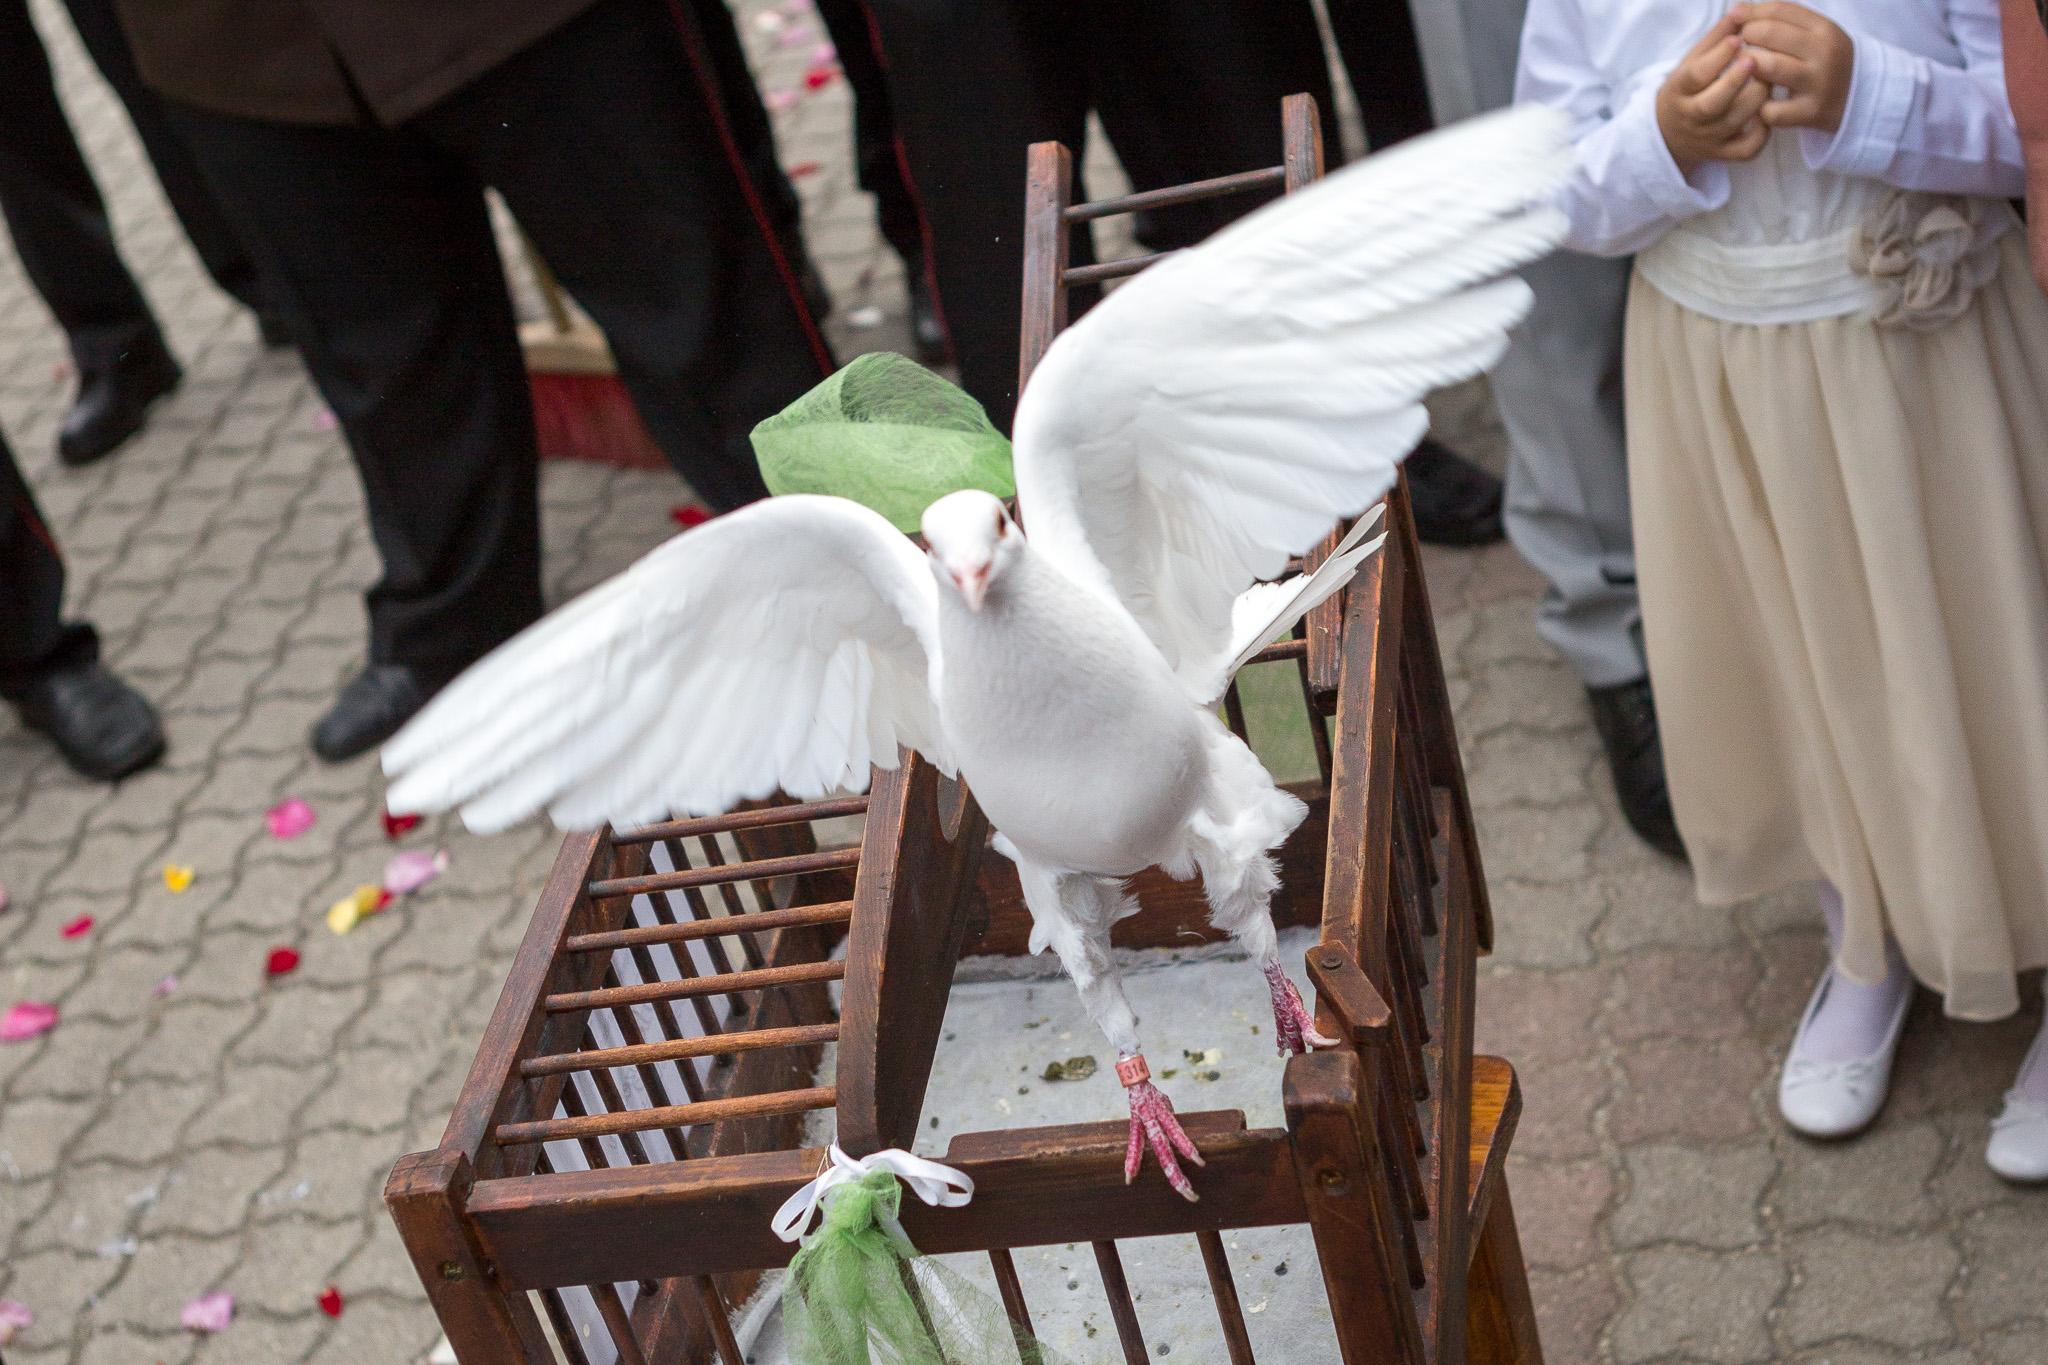 Hochzeit_Monika_Harald_032.jpg